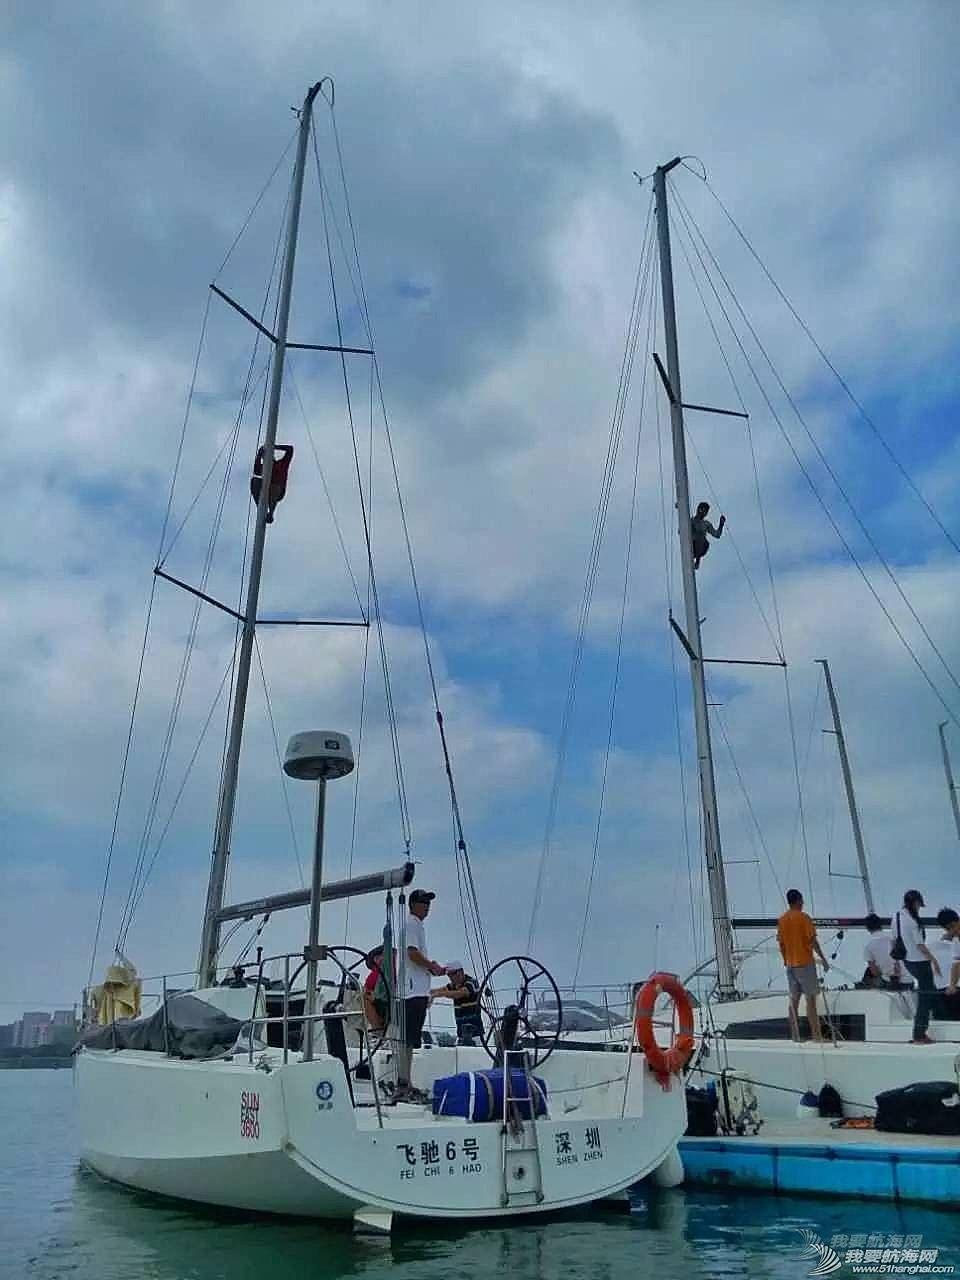 一路驰骋:亚诺环中国海岸帆船赛|厦门to深圳赛段精彩回顾